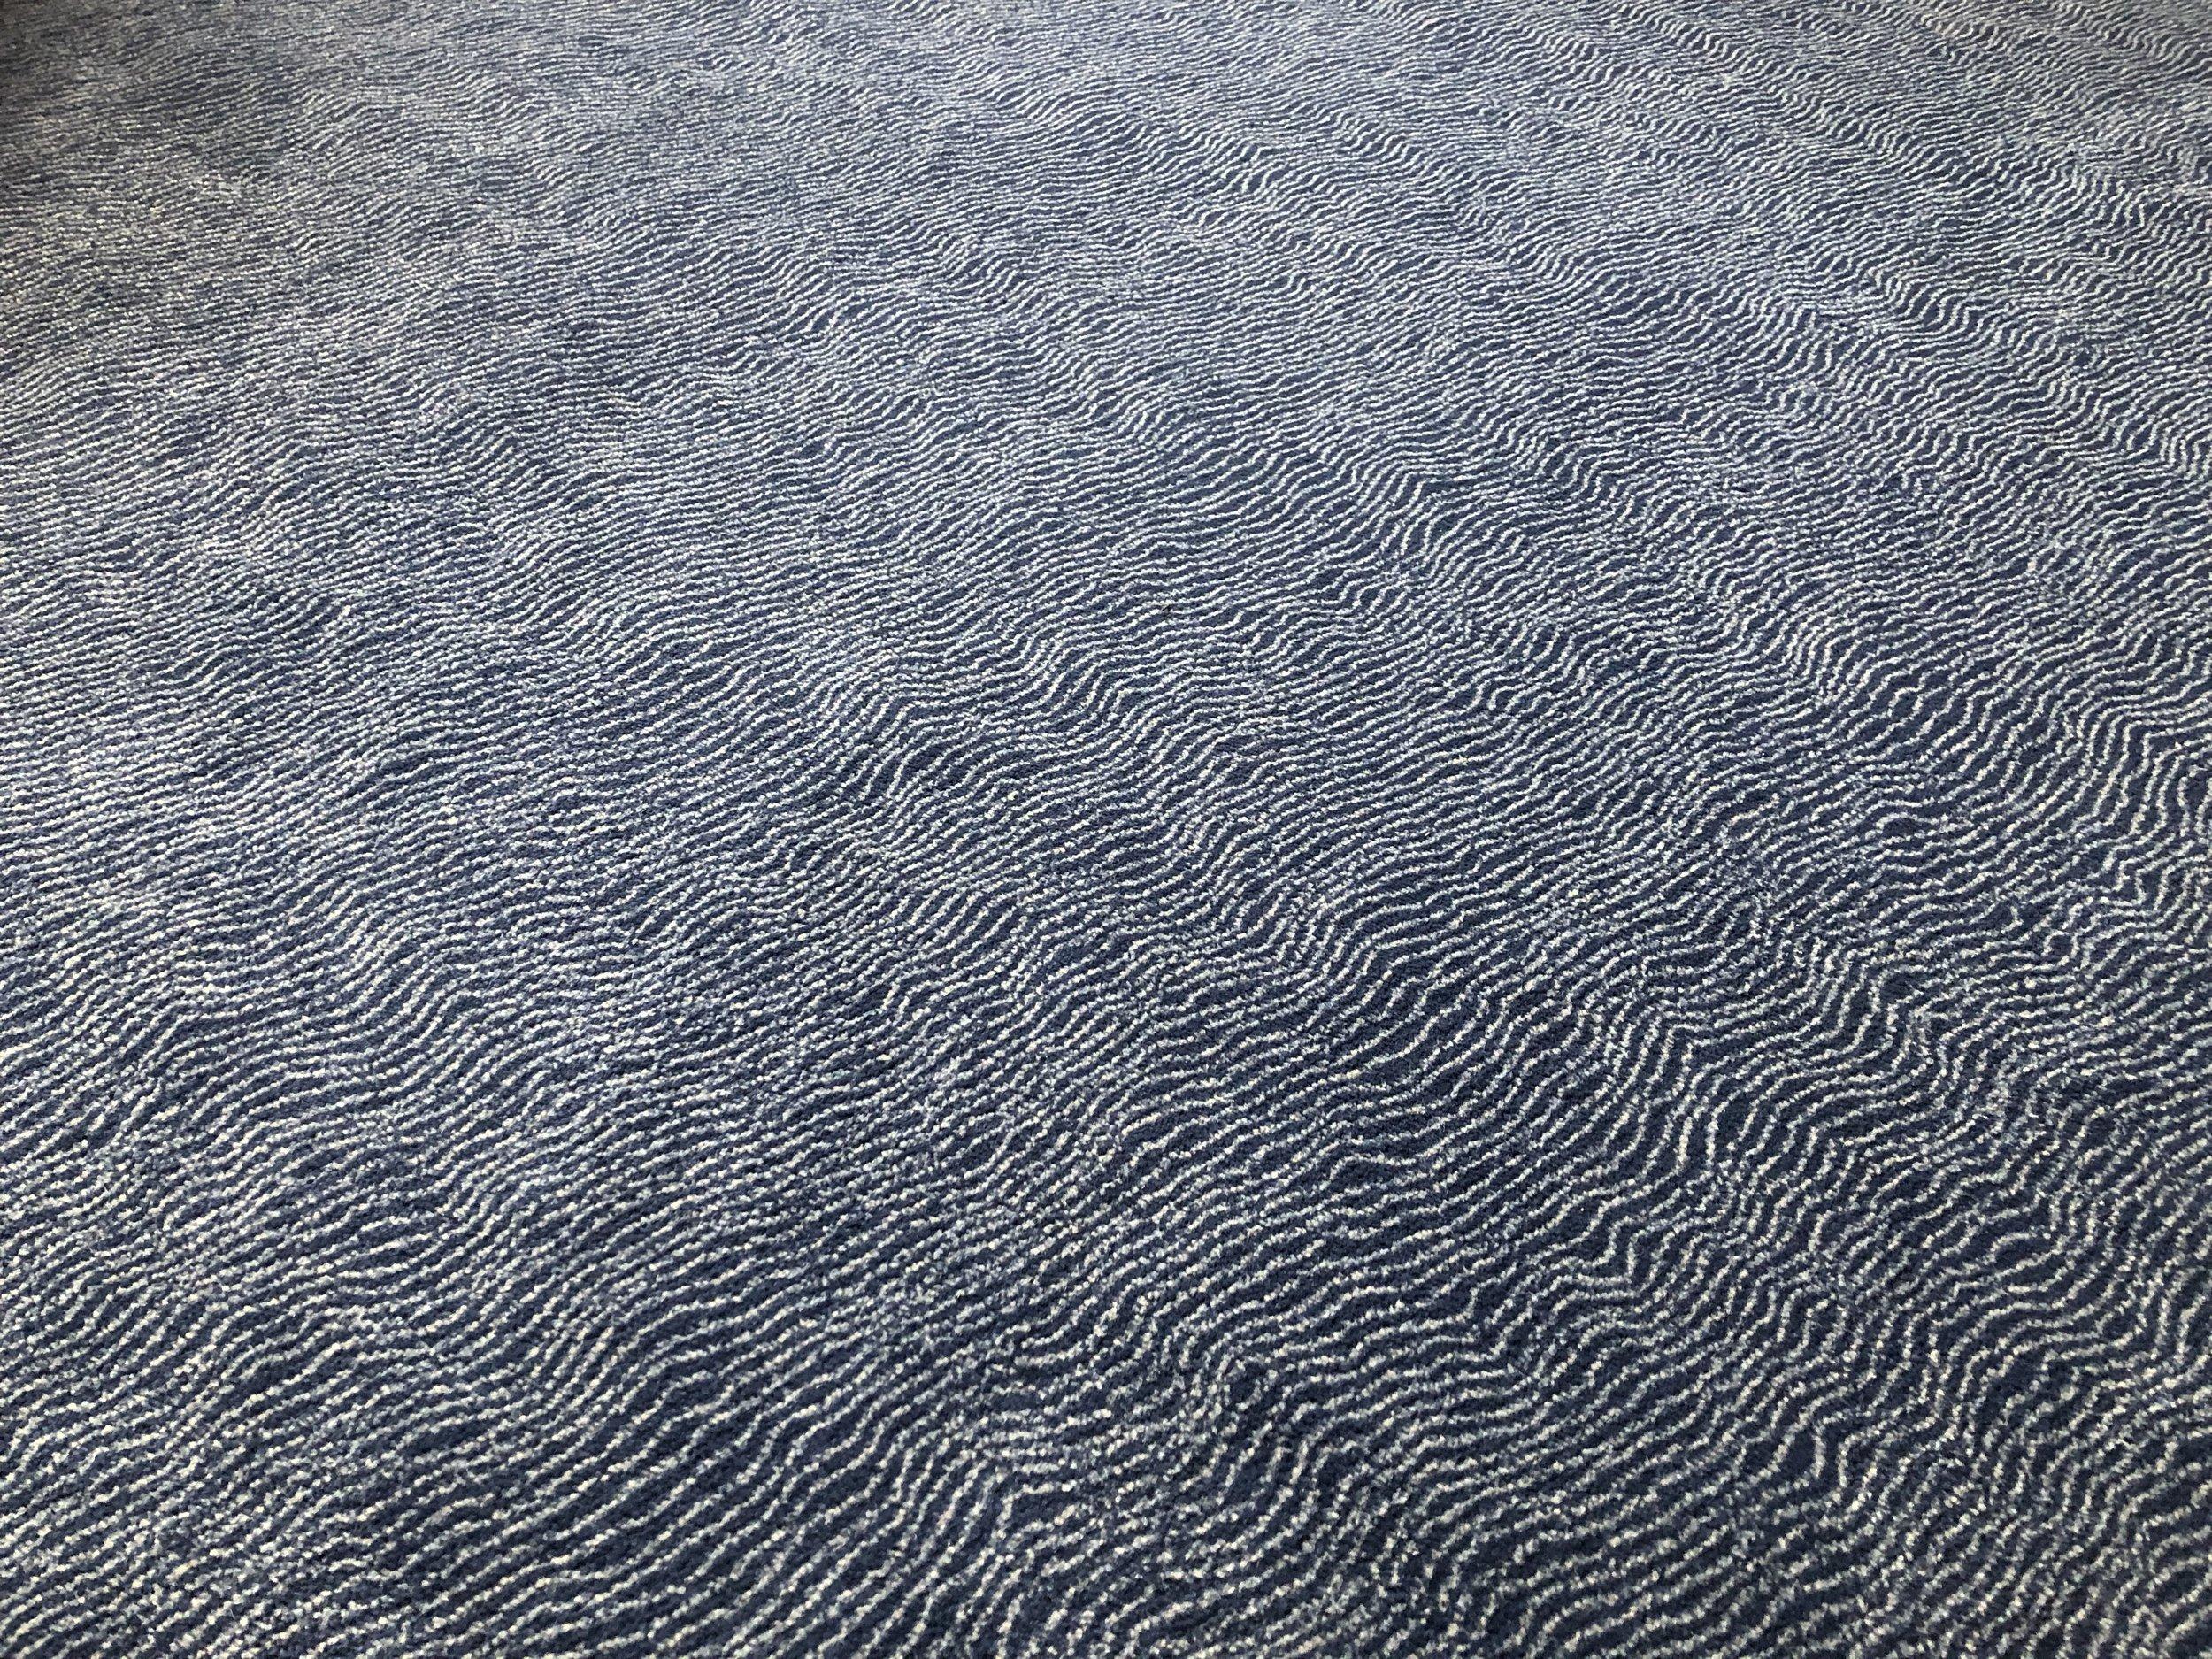 Neuer Teppich mit zarten Wellenlinien